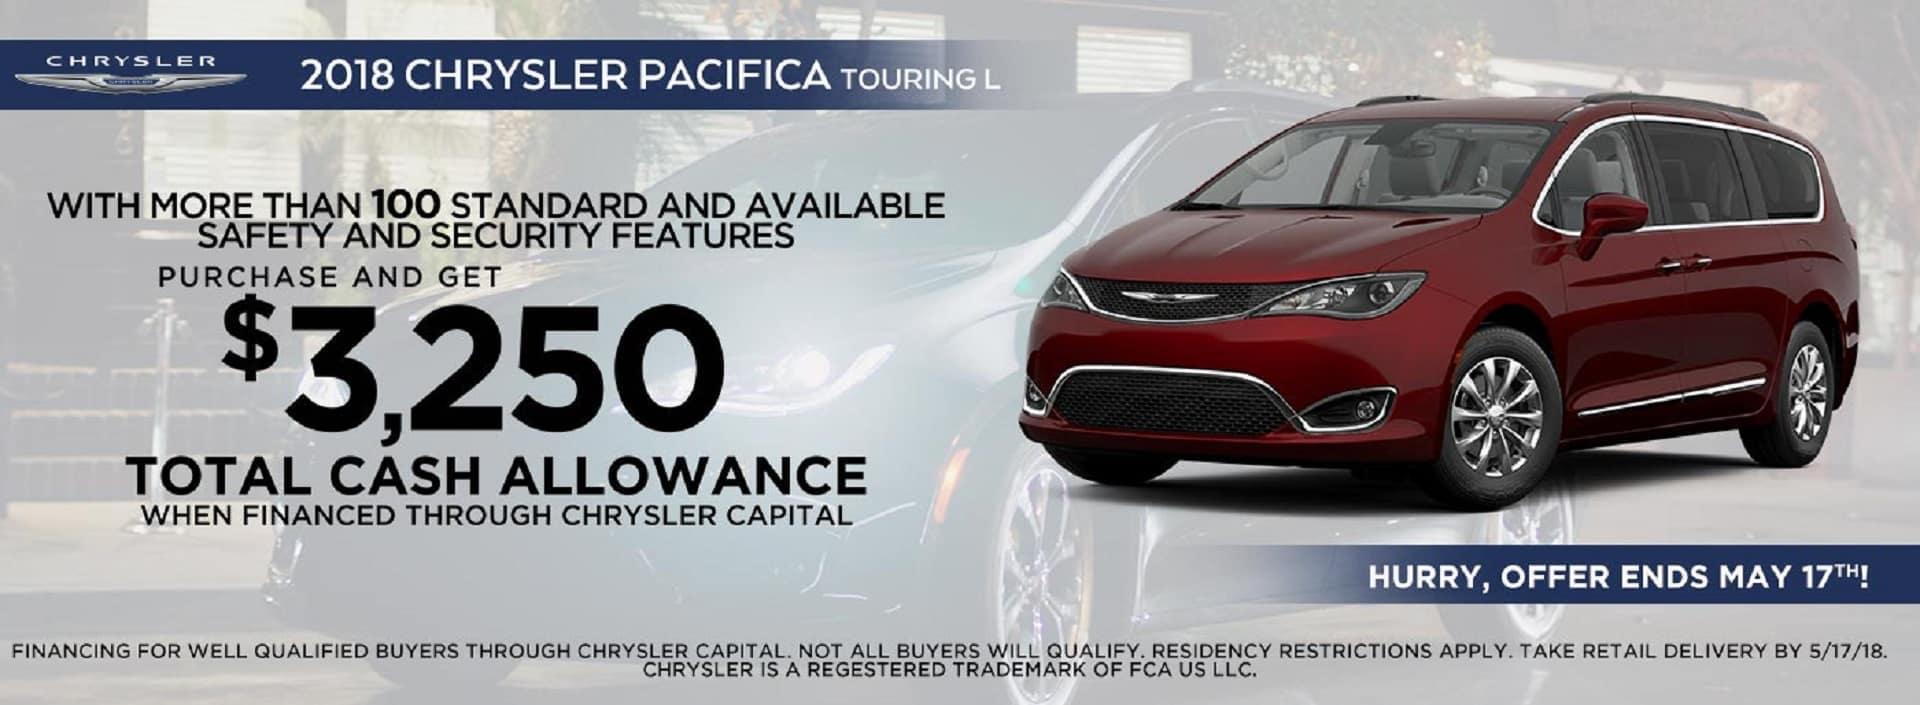 2018 Chrysler Pacifica Banner